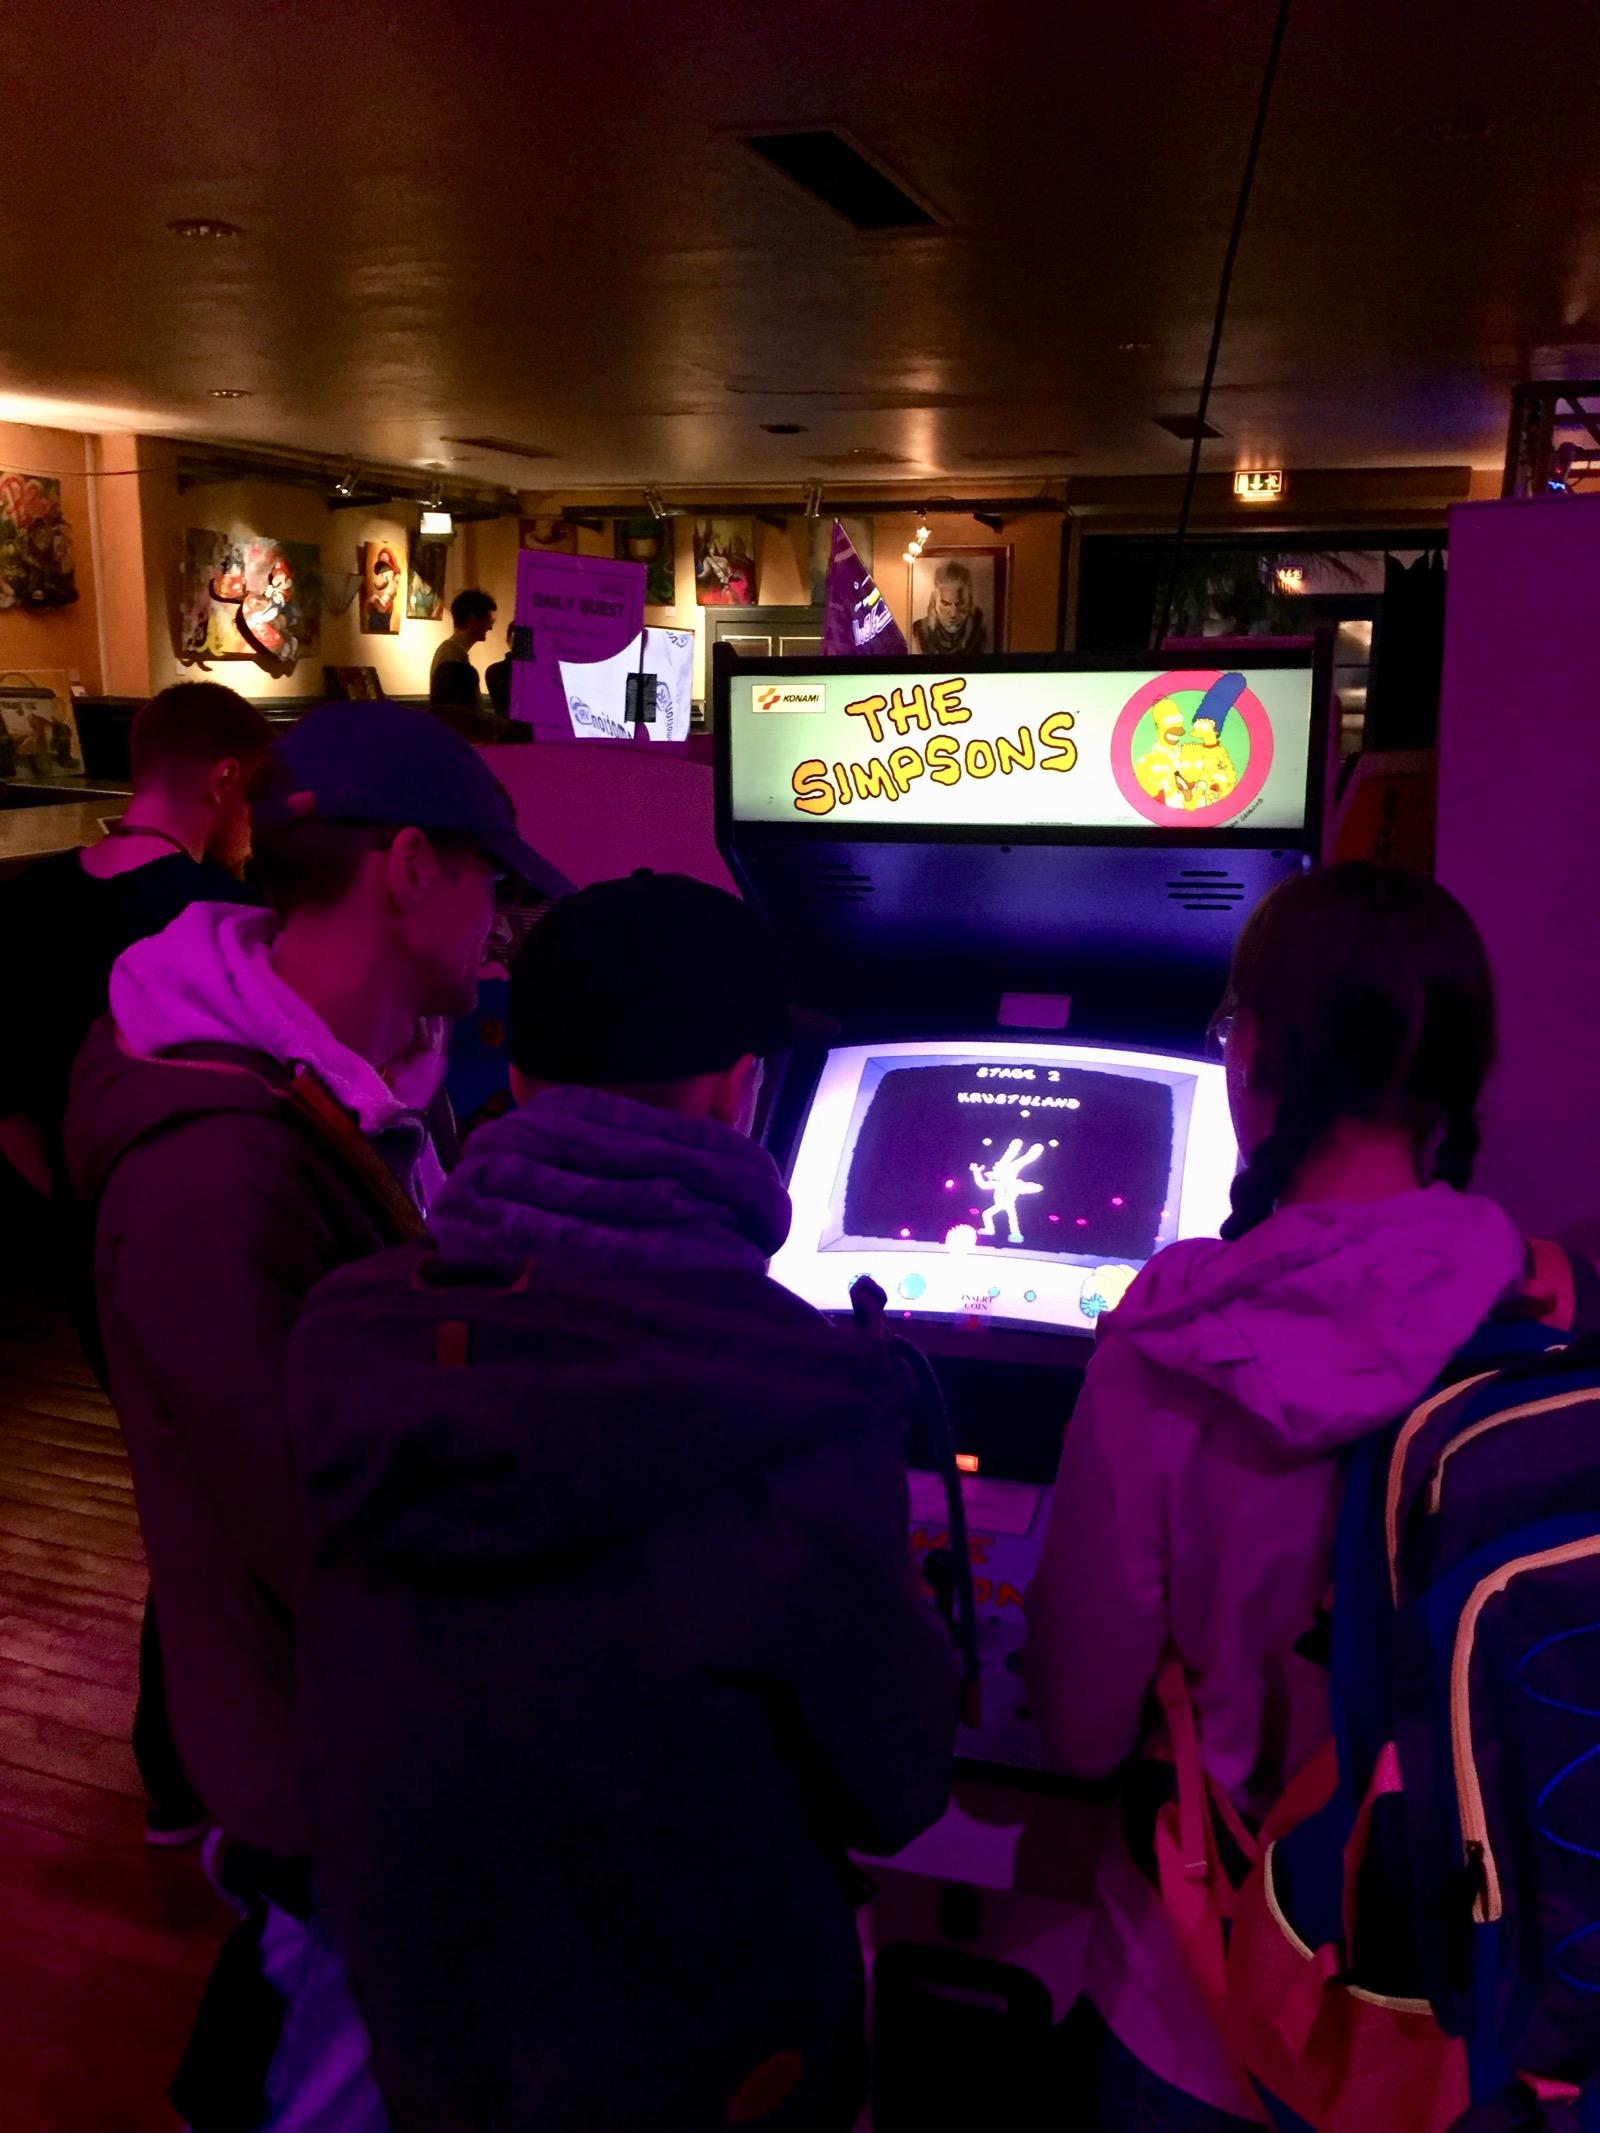 Dank des Flipper- und Arcademuseum Seligenstadt standen eine Auswahl von Videospielautomaten zur Verfügung. (Bild: André Eymann)